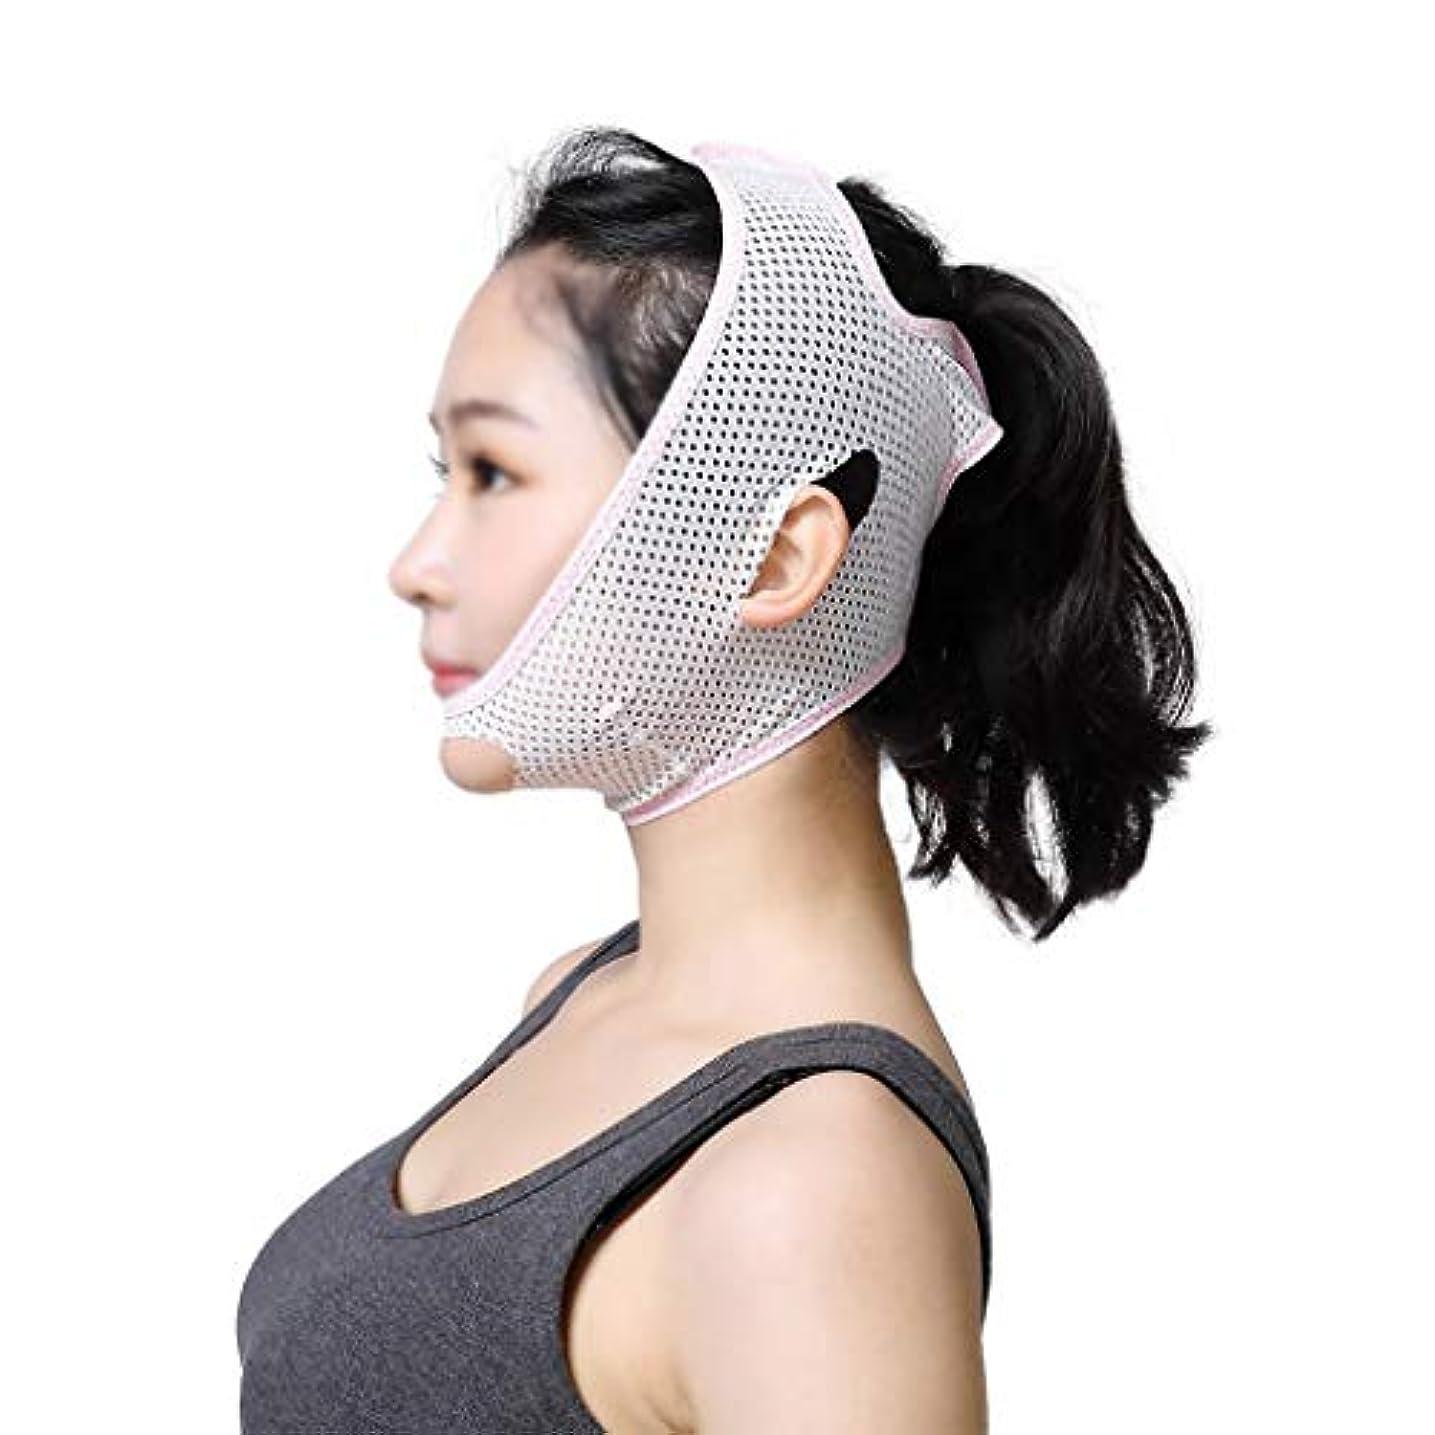 農業のブレーク修理可能あごのストラップ、二重あごの男性と女性のフェイスリフトフェイシャルトリートメントマスクでポストフェイス補正を彫刻通気性フェイスリフトアーティファクト睡眠包帯ライン (Size : M)